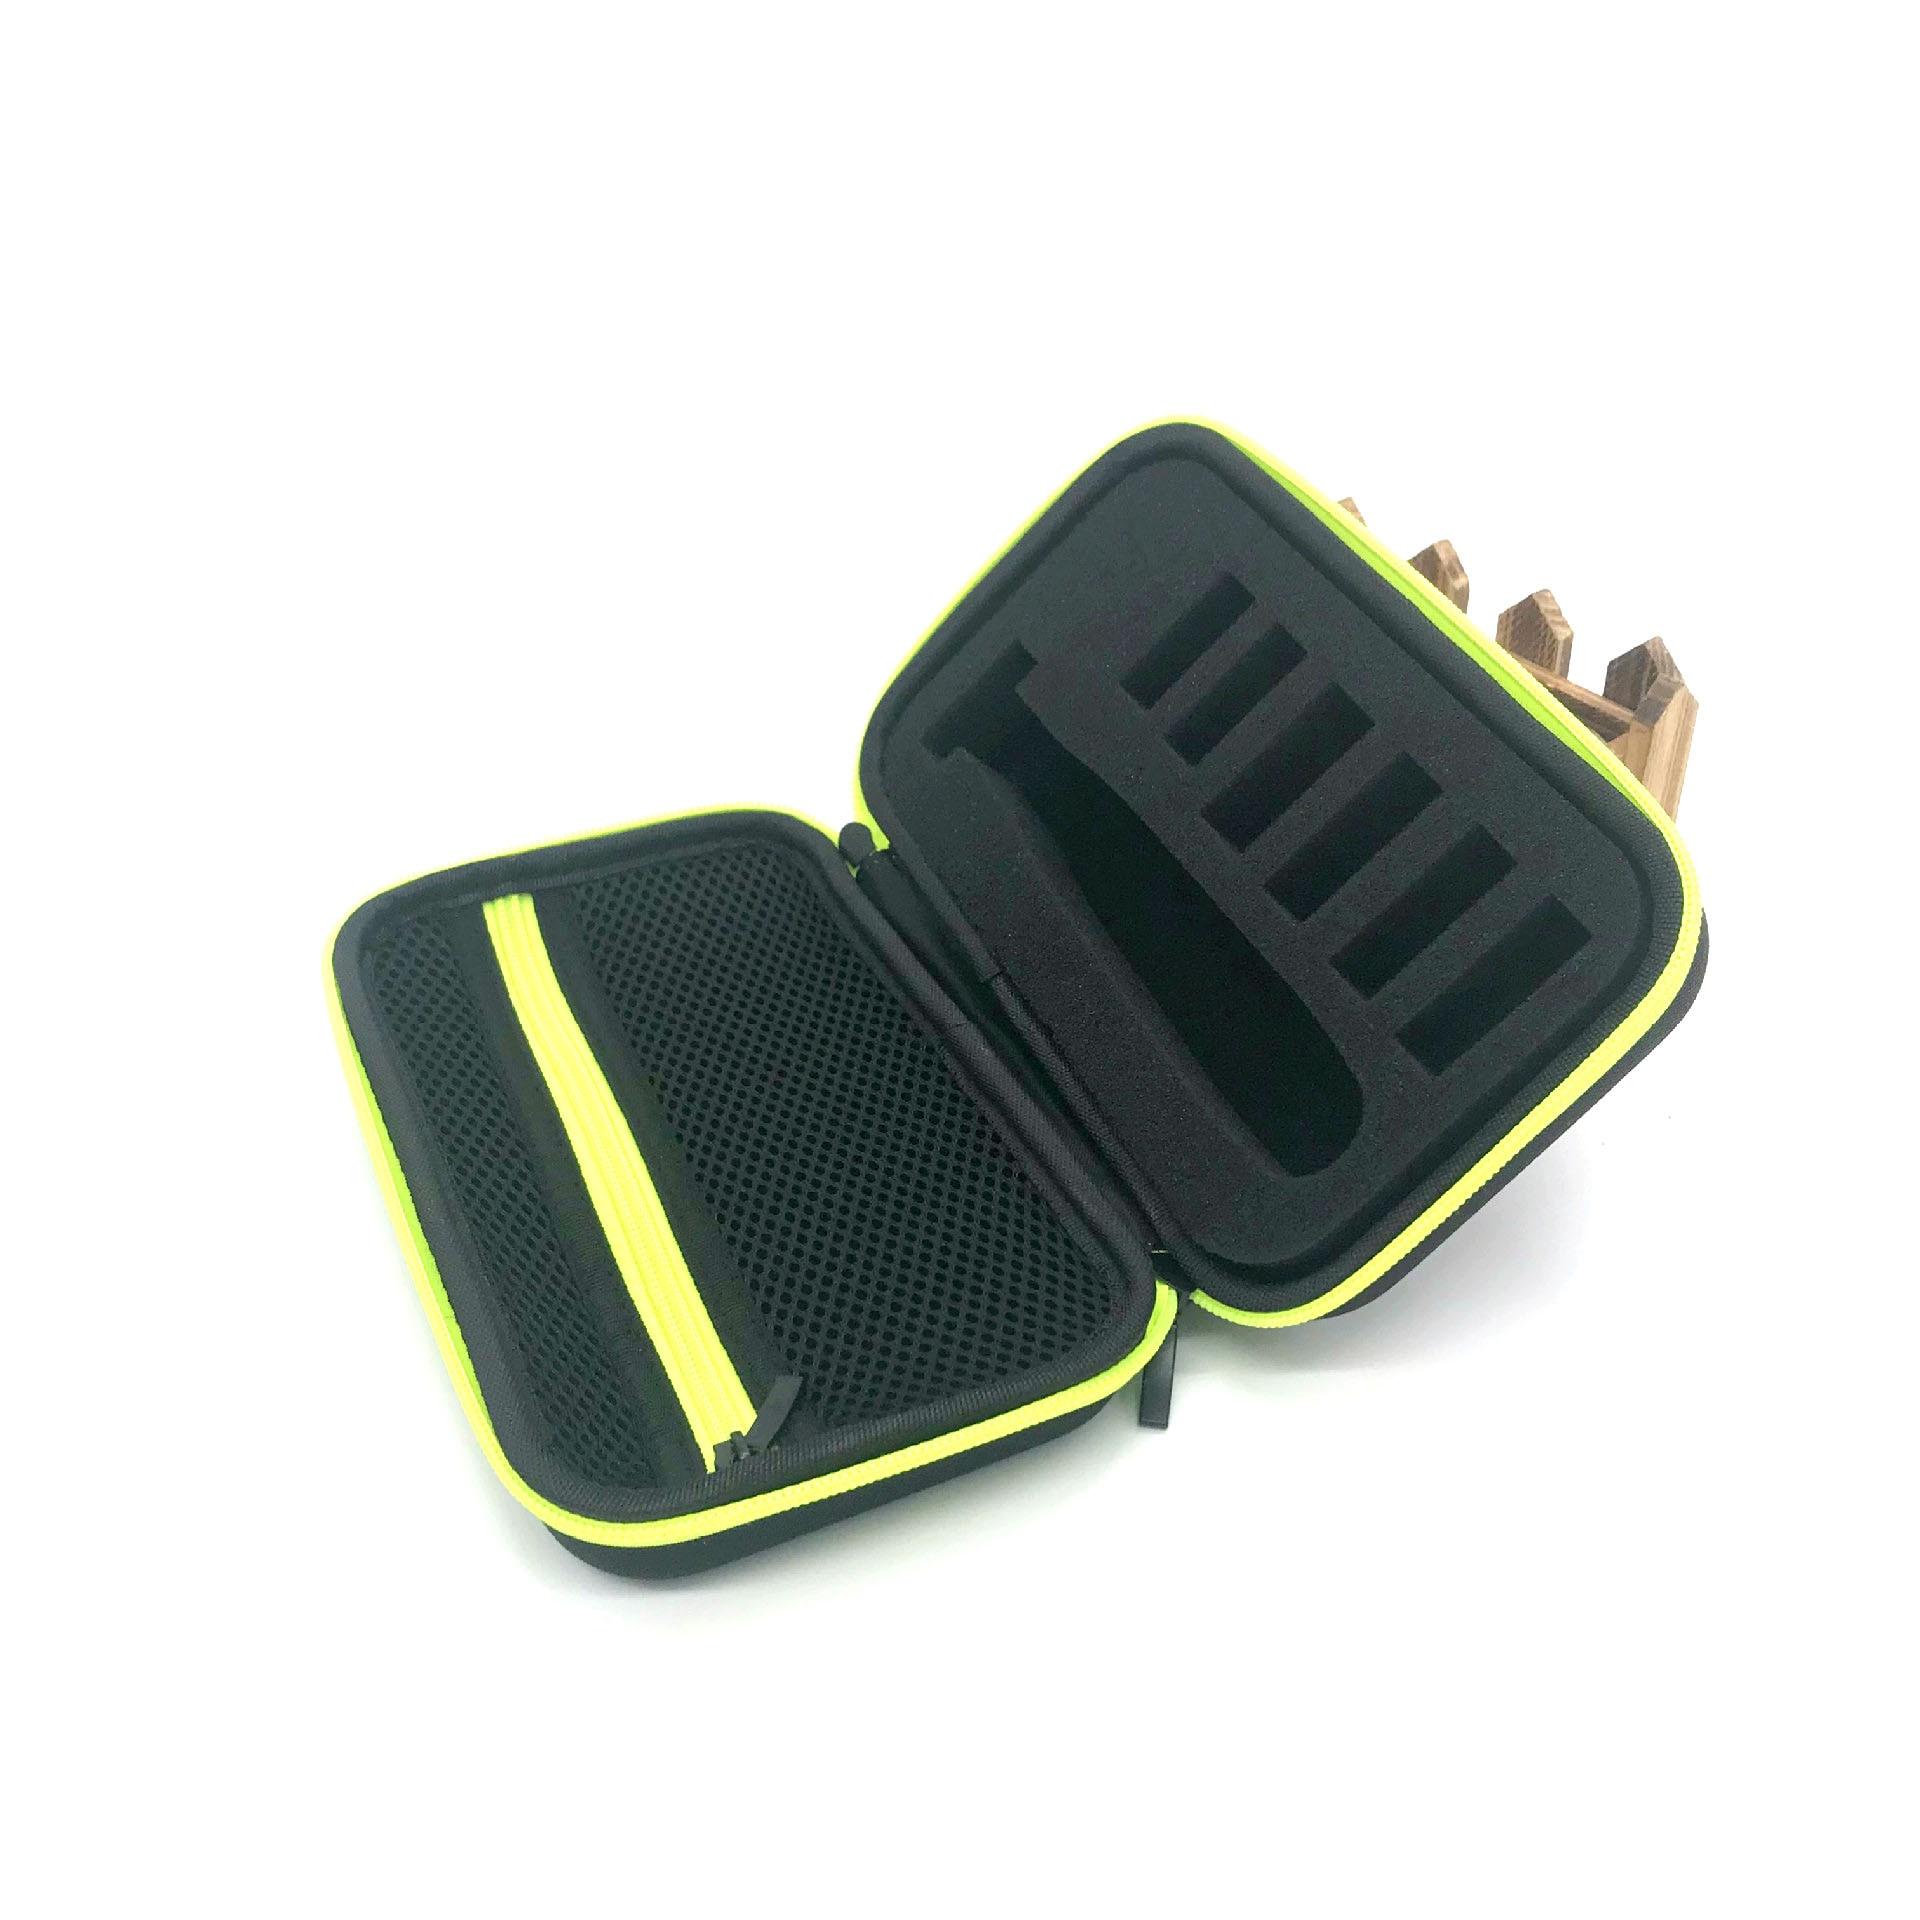 EVA Shaver Razor Holder Storage Bag For Philips OneBlade Men Electric Shaver Carrying Case Shockproof Hard Travel Storage Bag